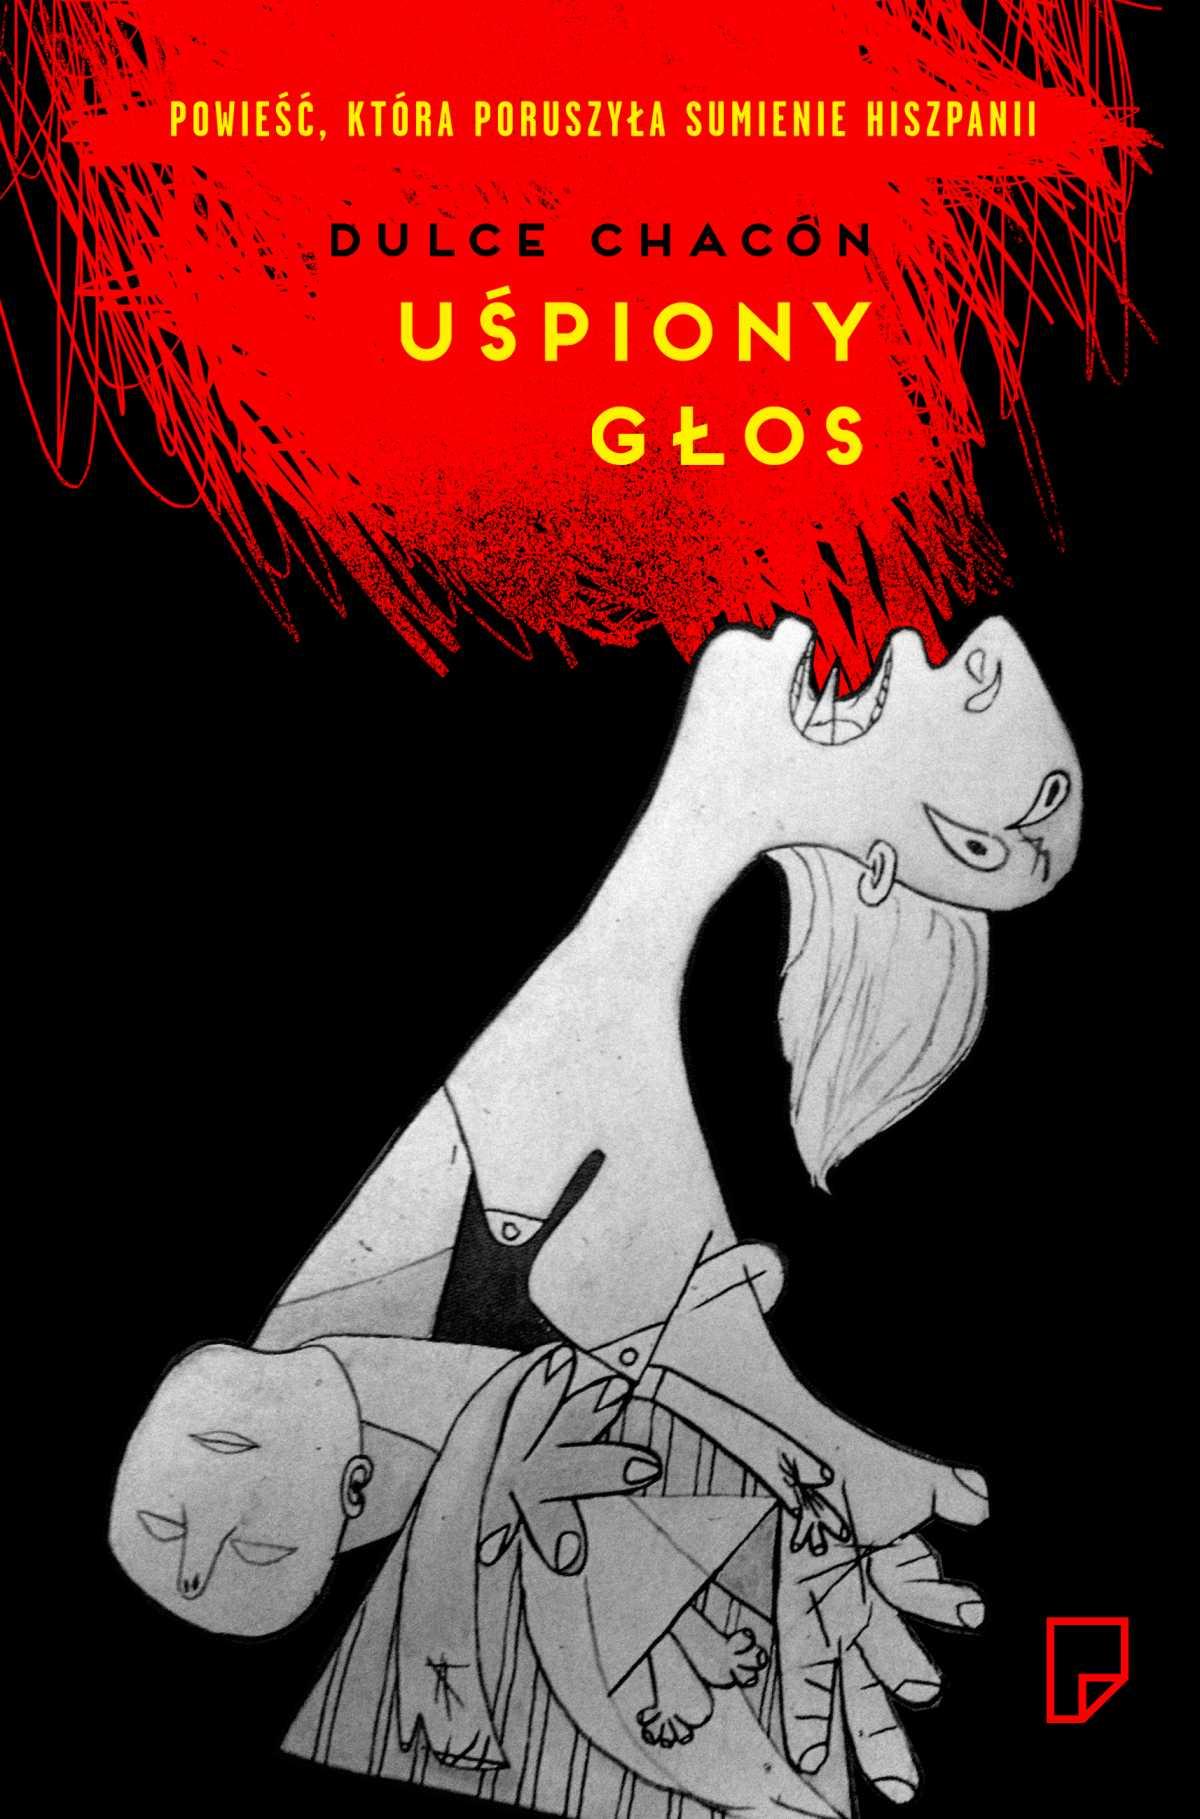 Uśpiony  głos - Ebook (Książka na Kindle) do pobrania w formacie MOBI